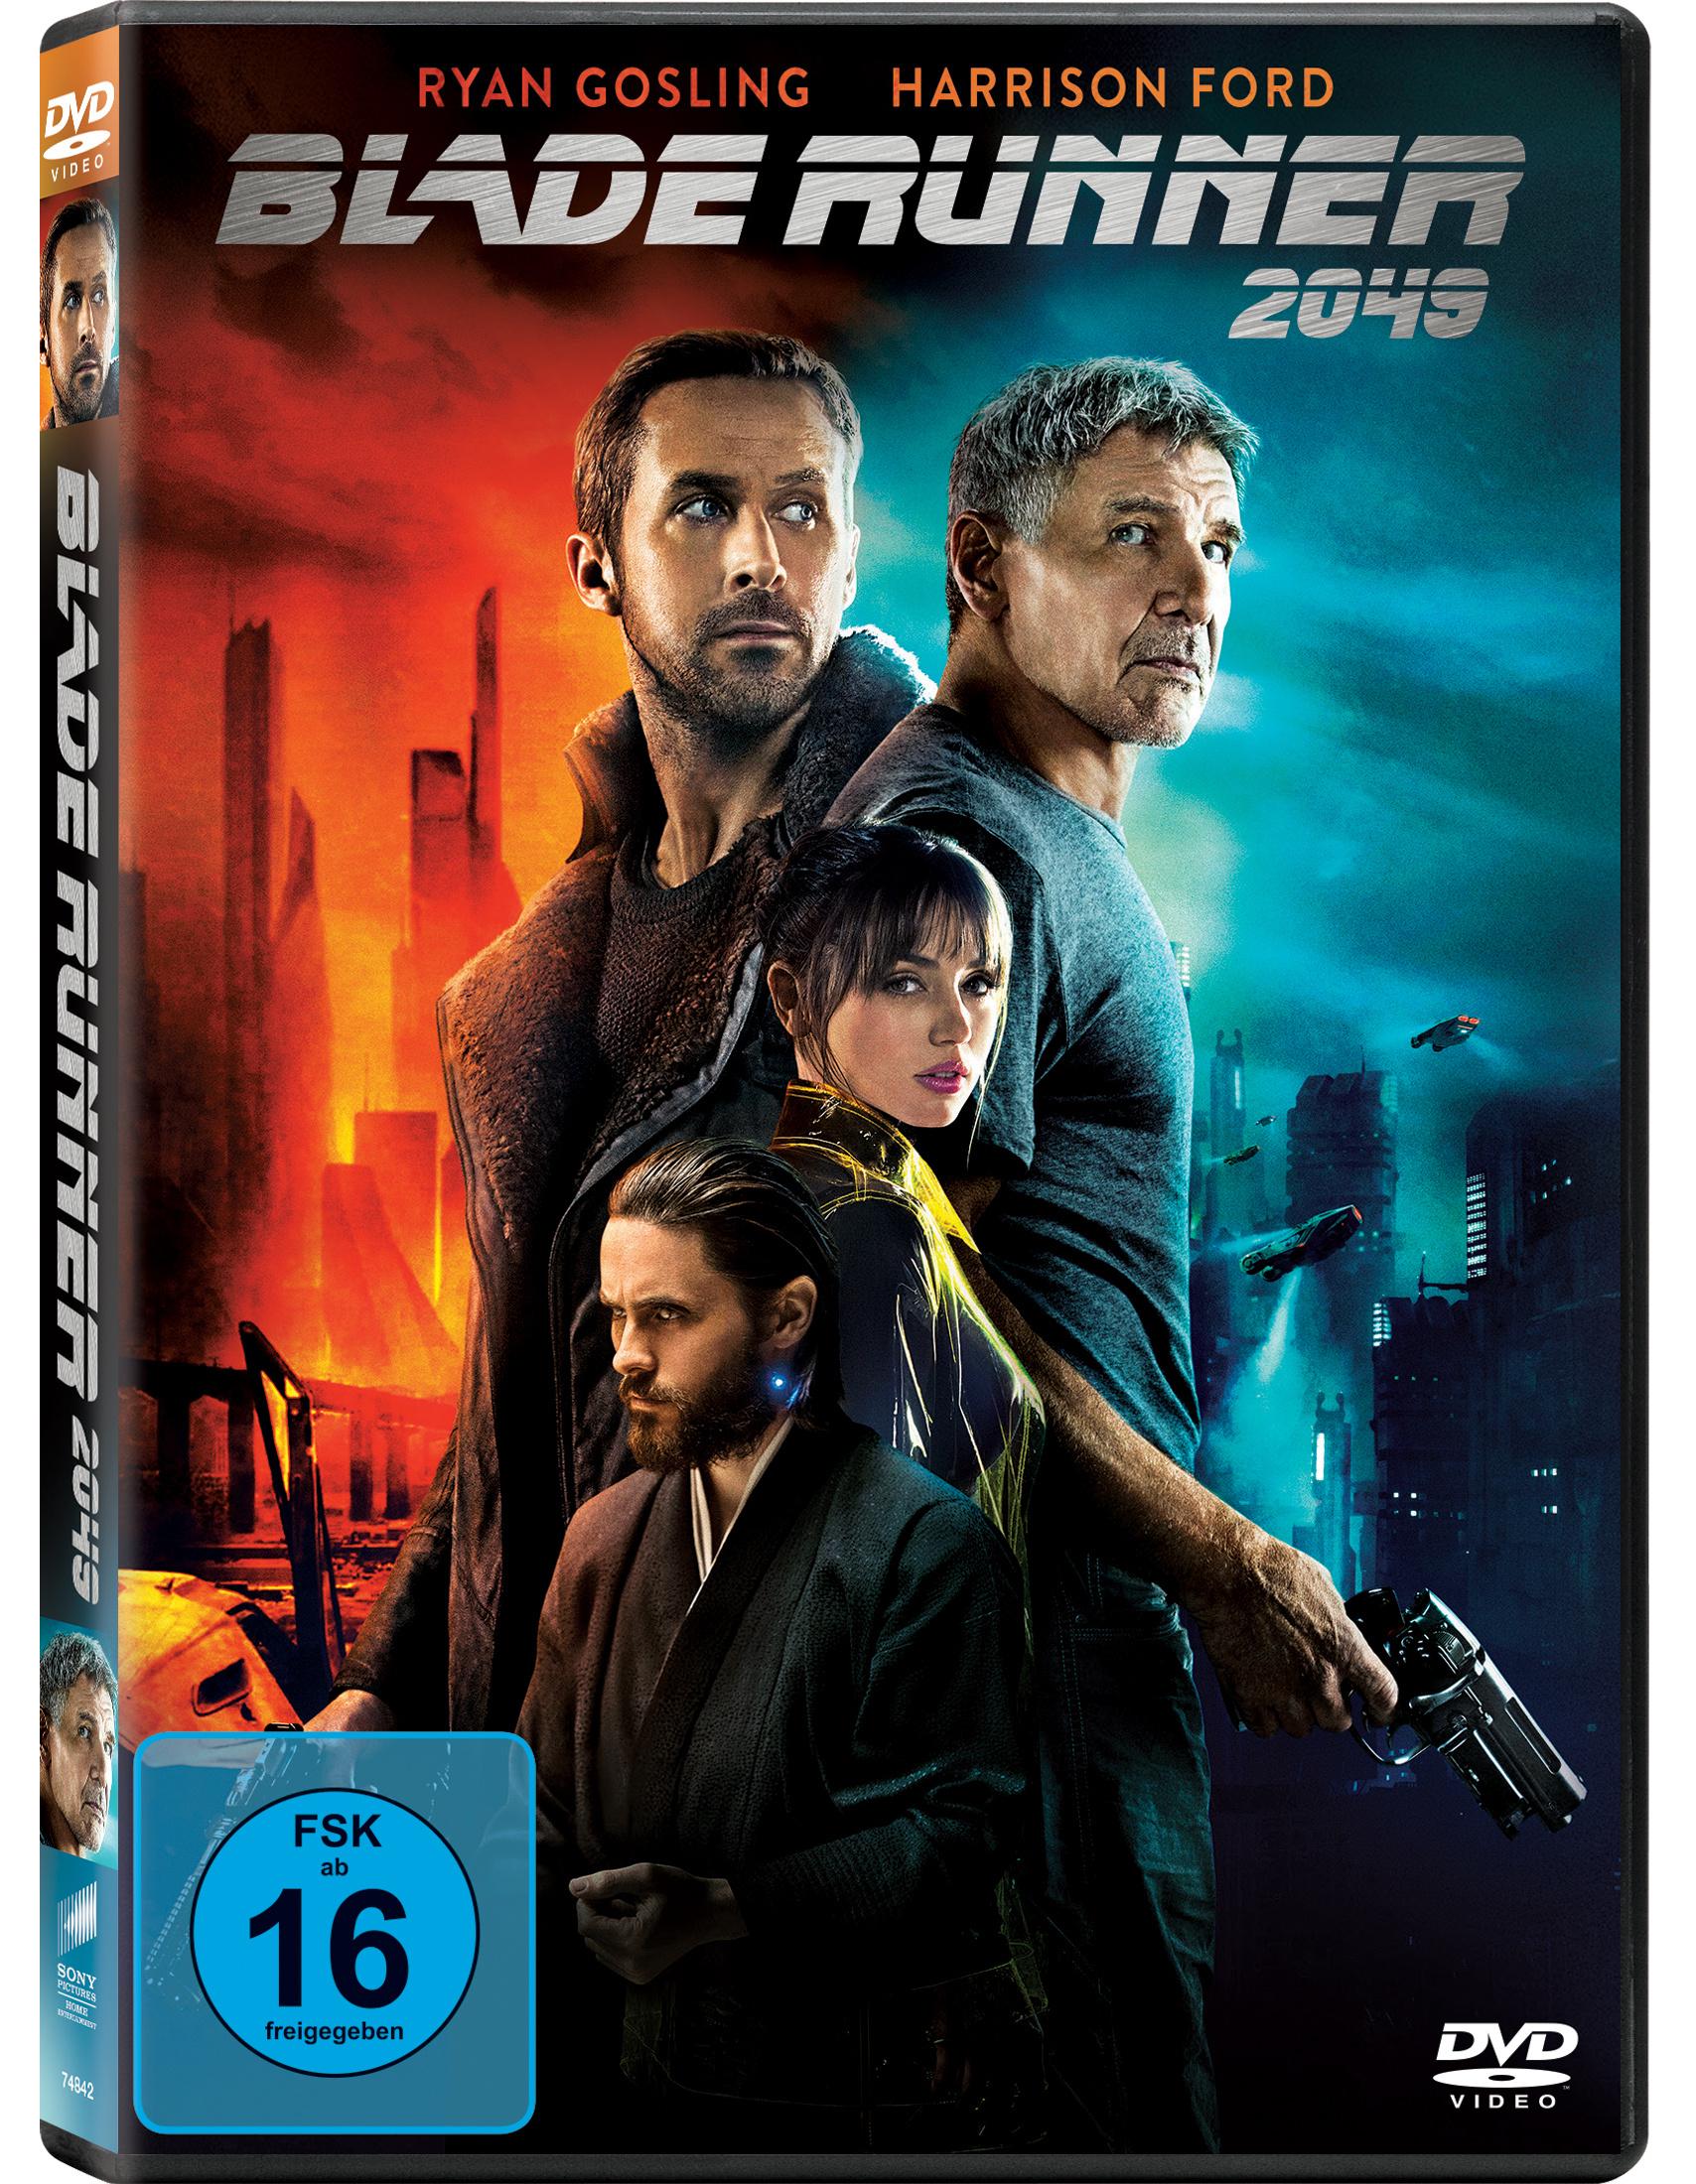 Image of Blade Runner 2049